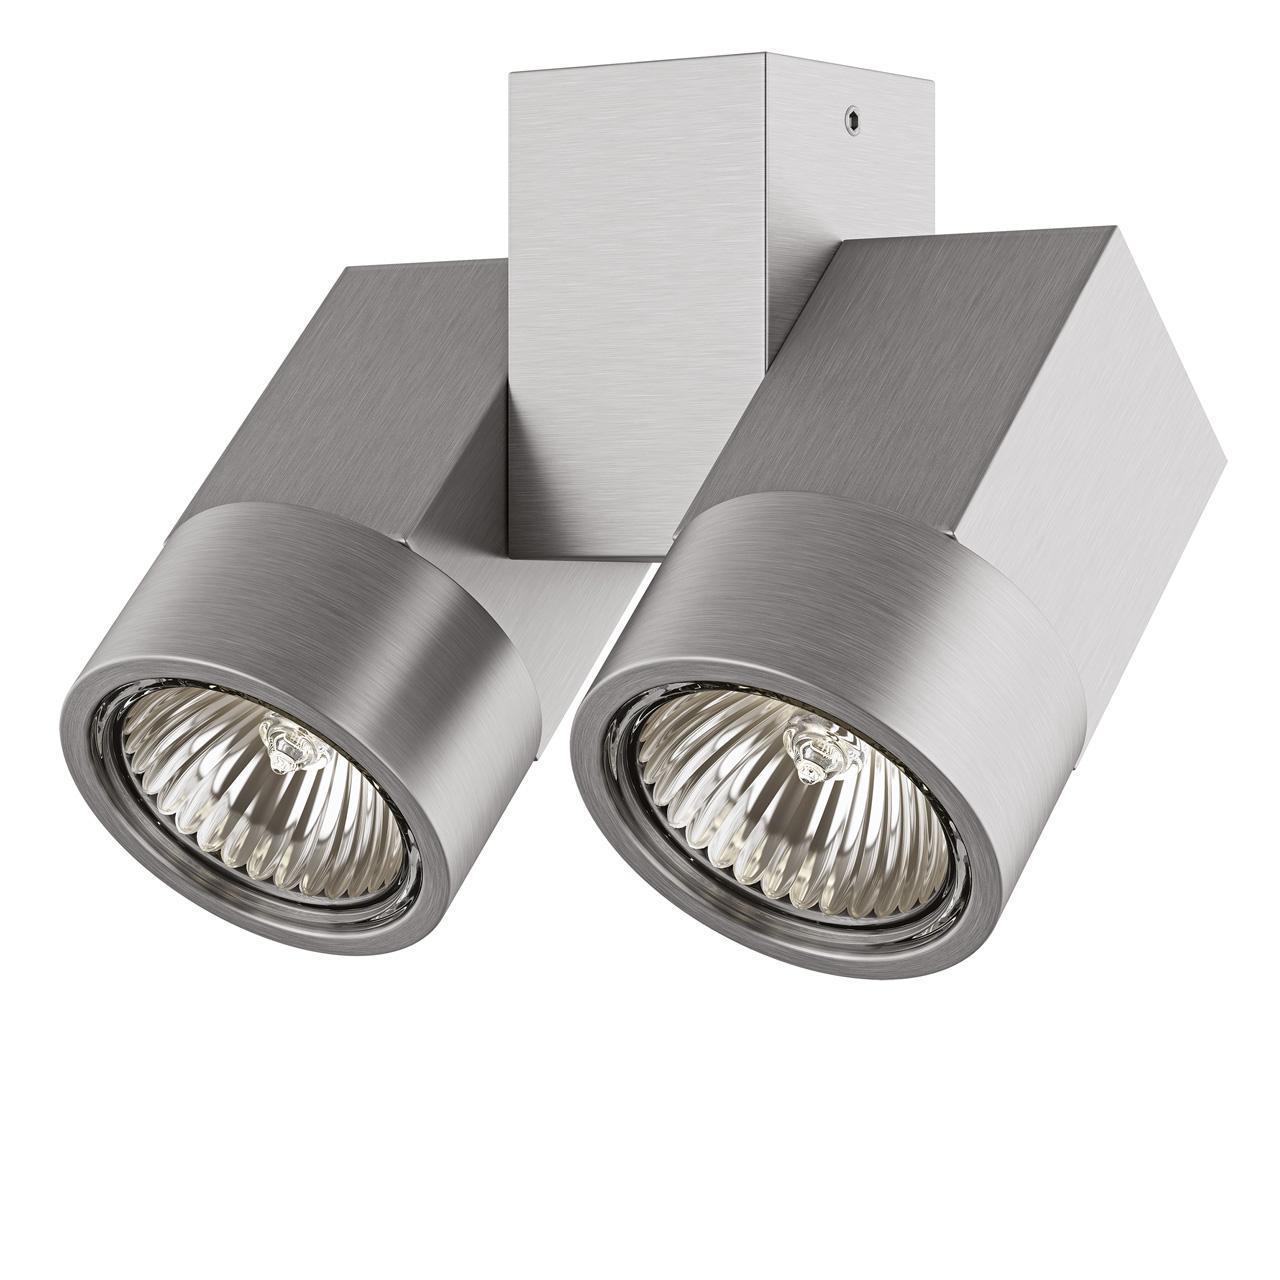 Потолочный светильник Lightstar Illumo X2 Alu 051039 блузка golub б1155 3033 2548